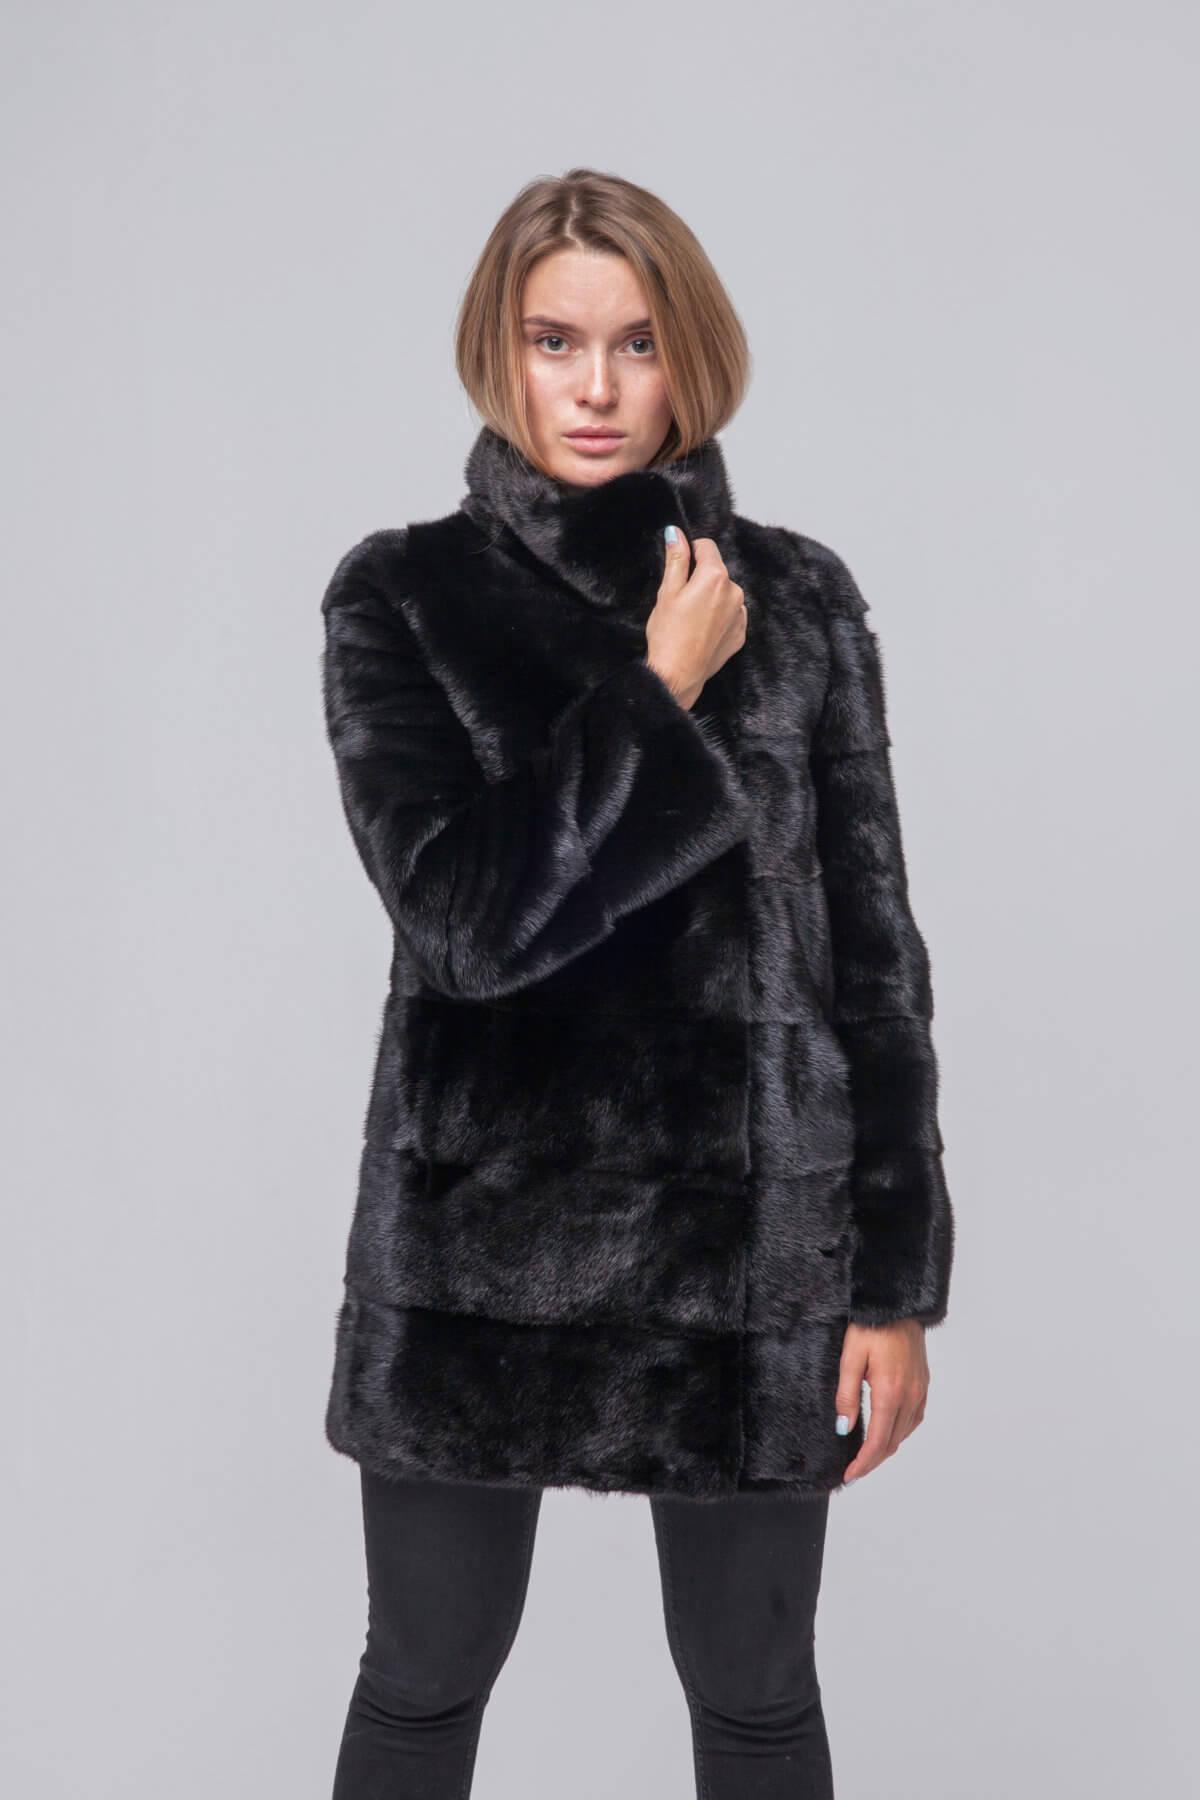 Полупальто из скандинавской норки Kopenhagen Fur. Фото 2